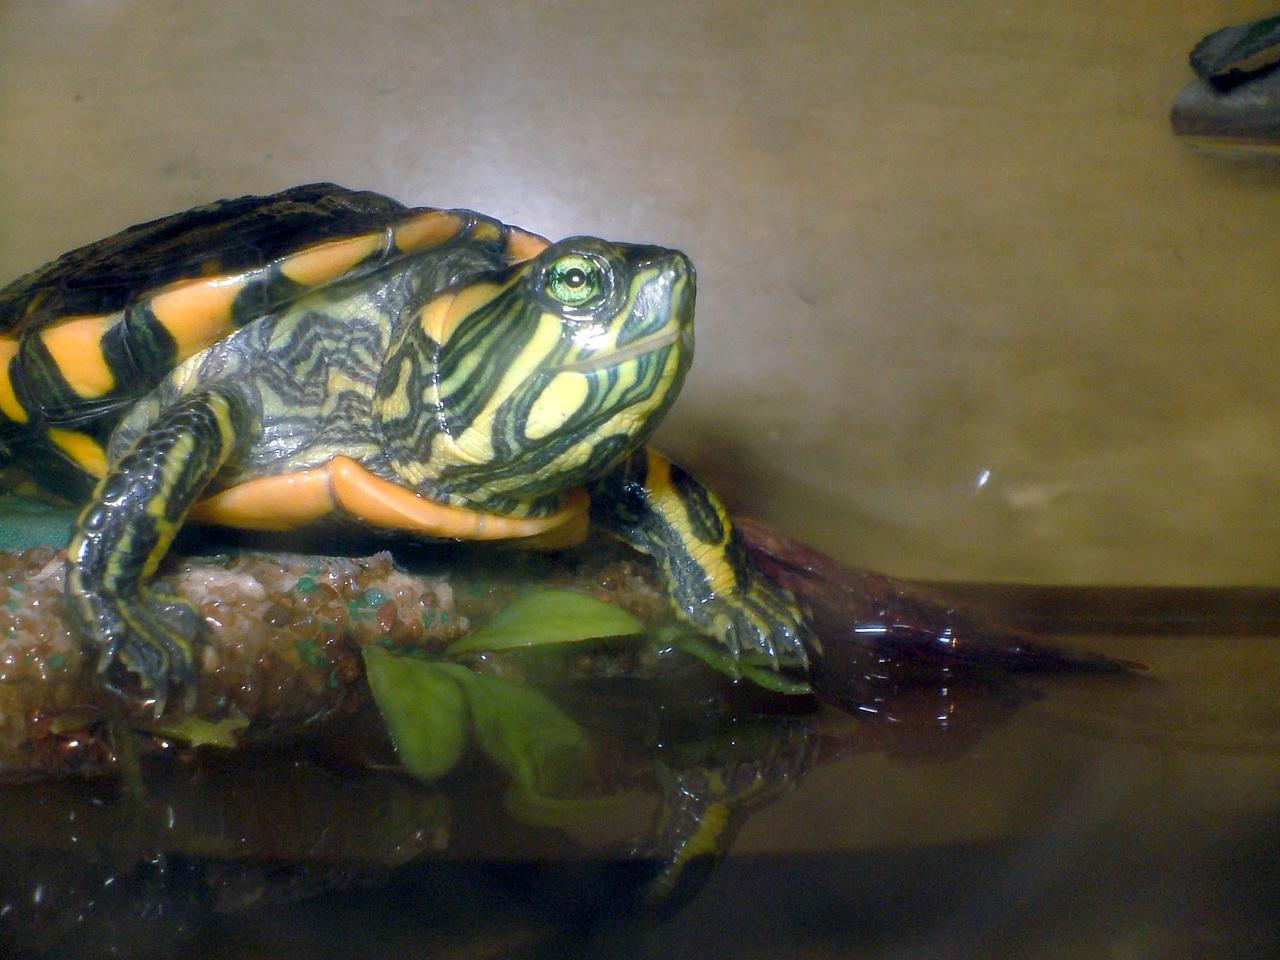 Le tartarughe acquatiche petingros blog for Acquario per tartarughe acquatiche